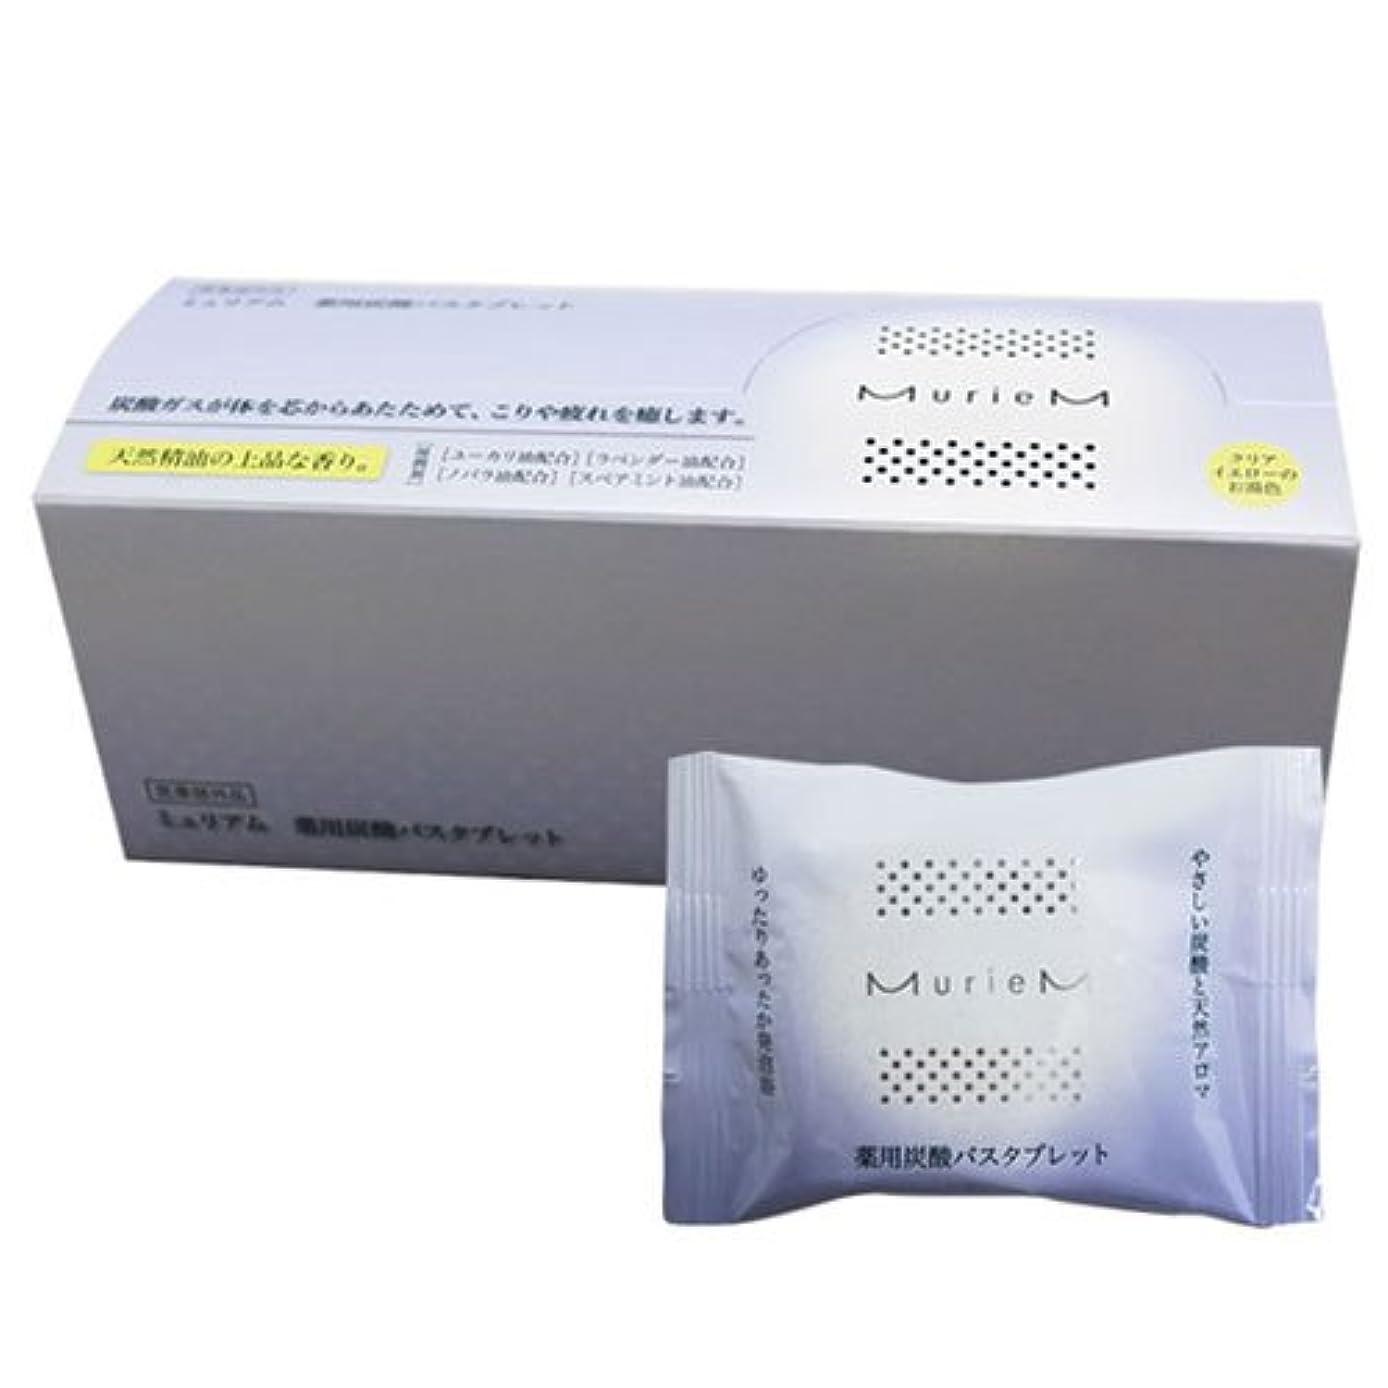 本主人ジョブナンバースリー ミュリアム 薬用炭酸バスタブレット 30g×10包 [医薬部外品]